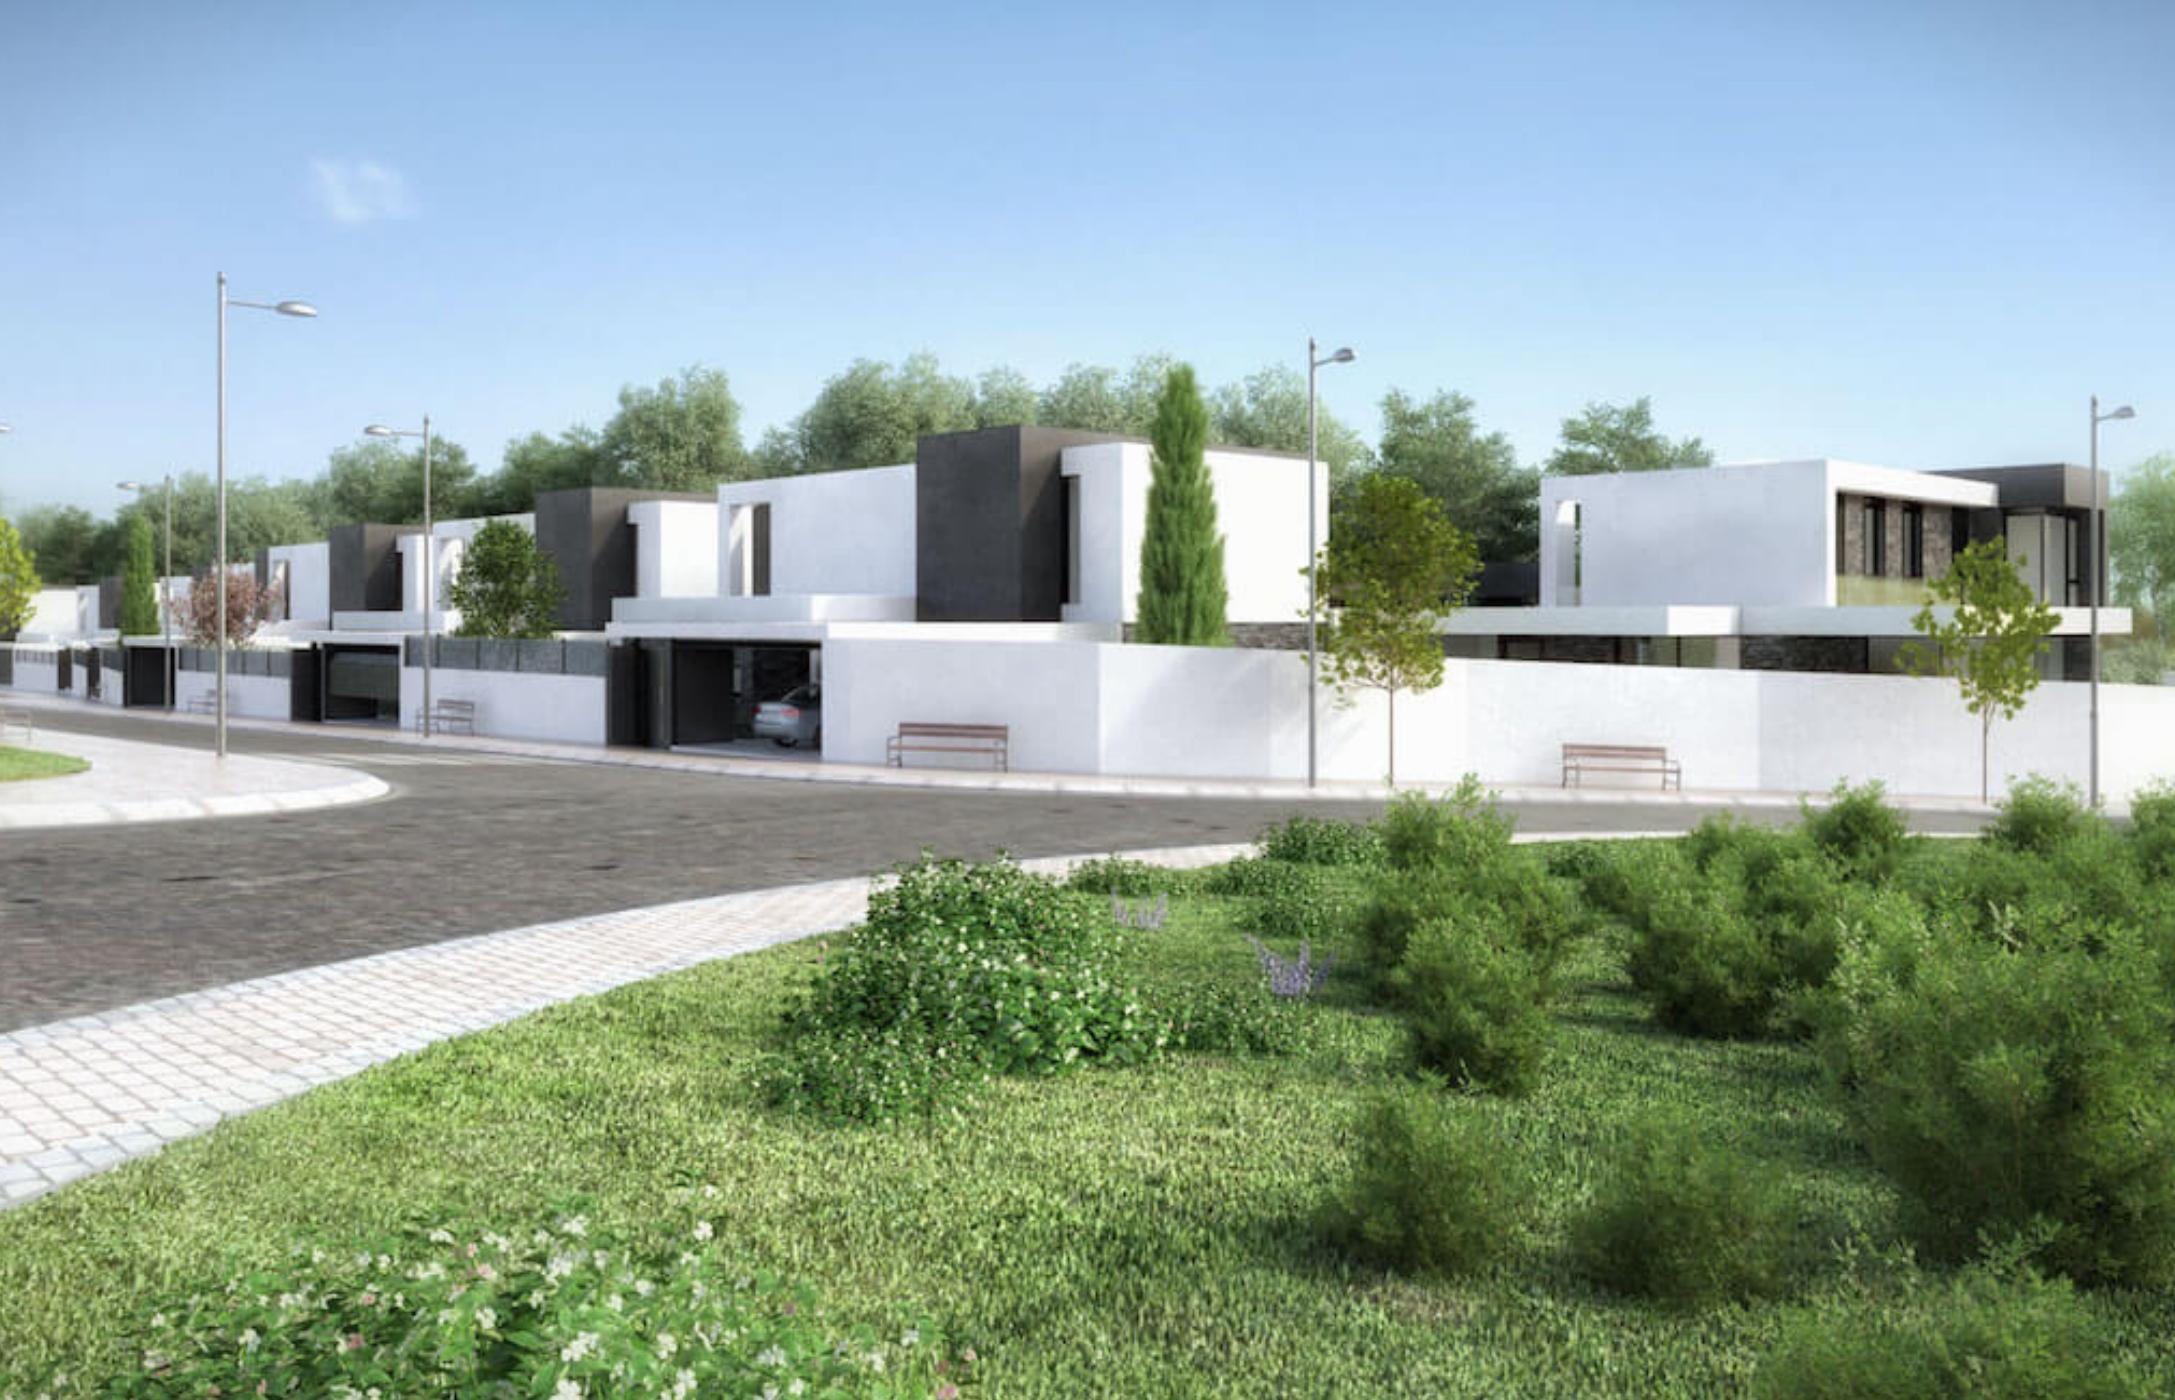 15 viviendas unifamiliares adosadas en Boadilla del Monte, Madrid. Proyecto de FH2L Arquitectos